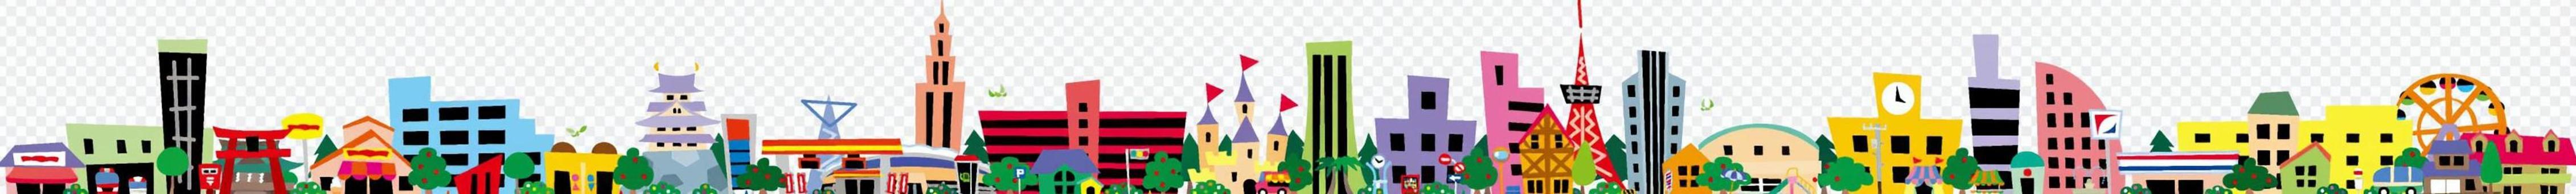 多彩而生動的城市景觀框架